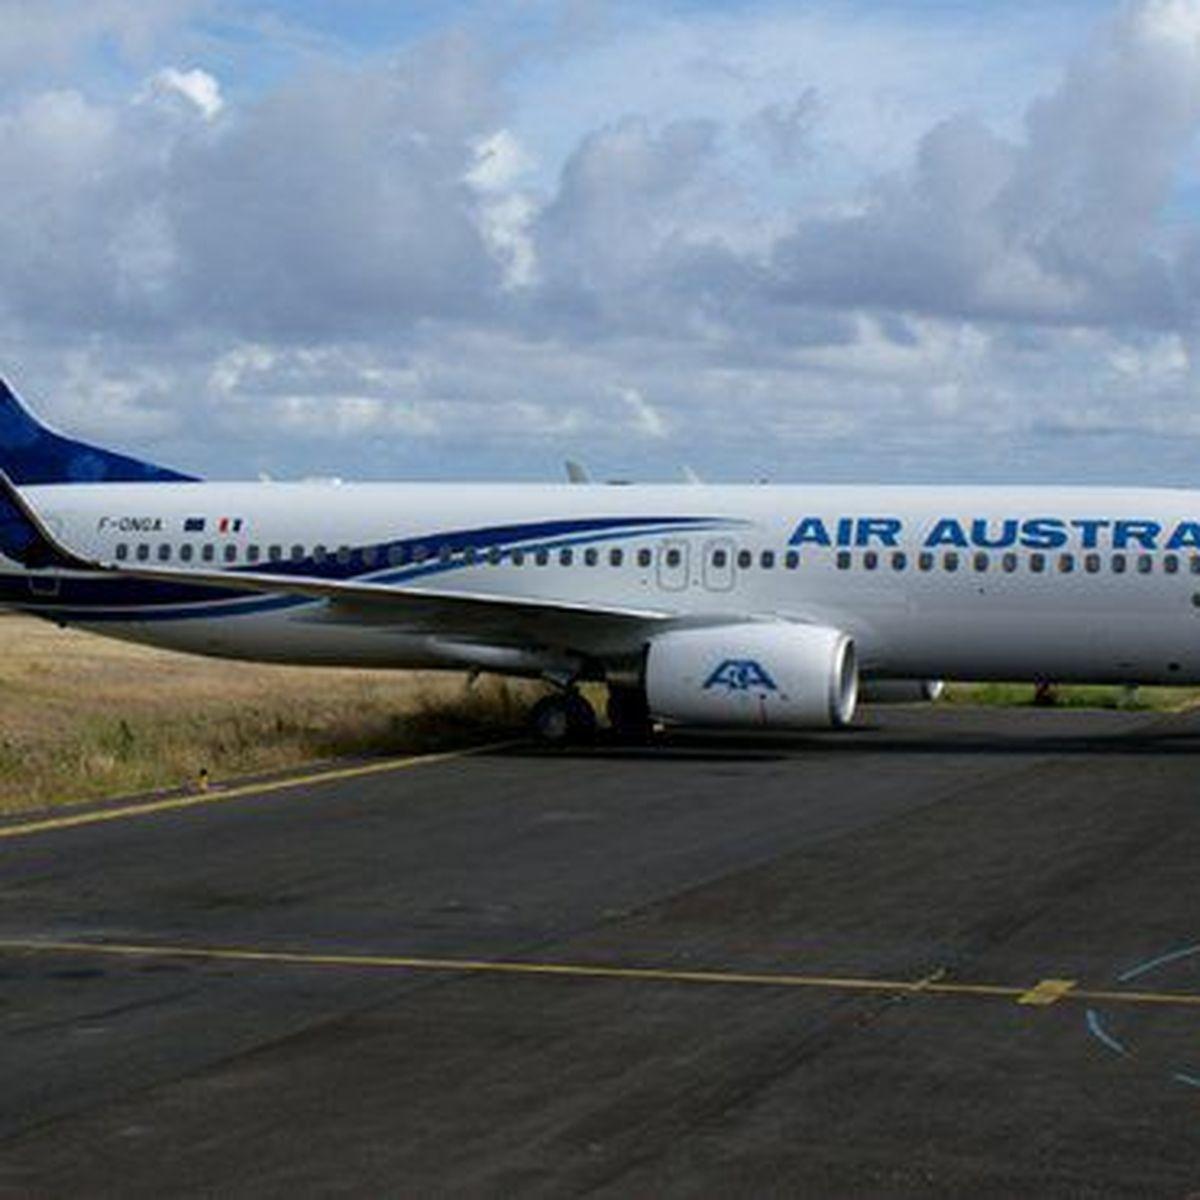 [BELNA] Air Austral met en place des mesures commerciales pour ses passagers